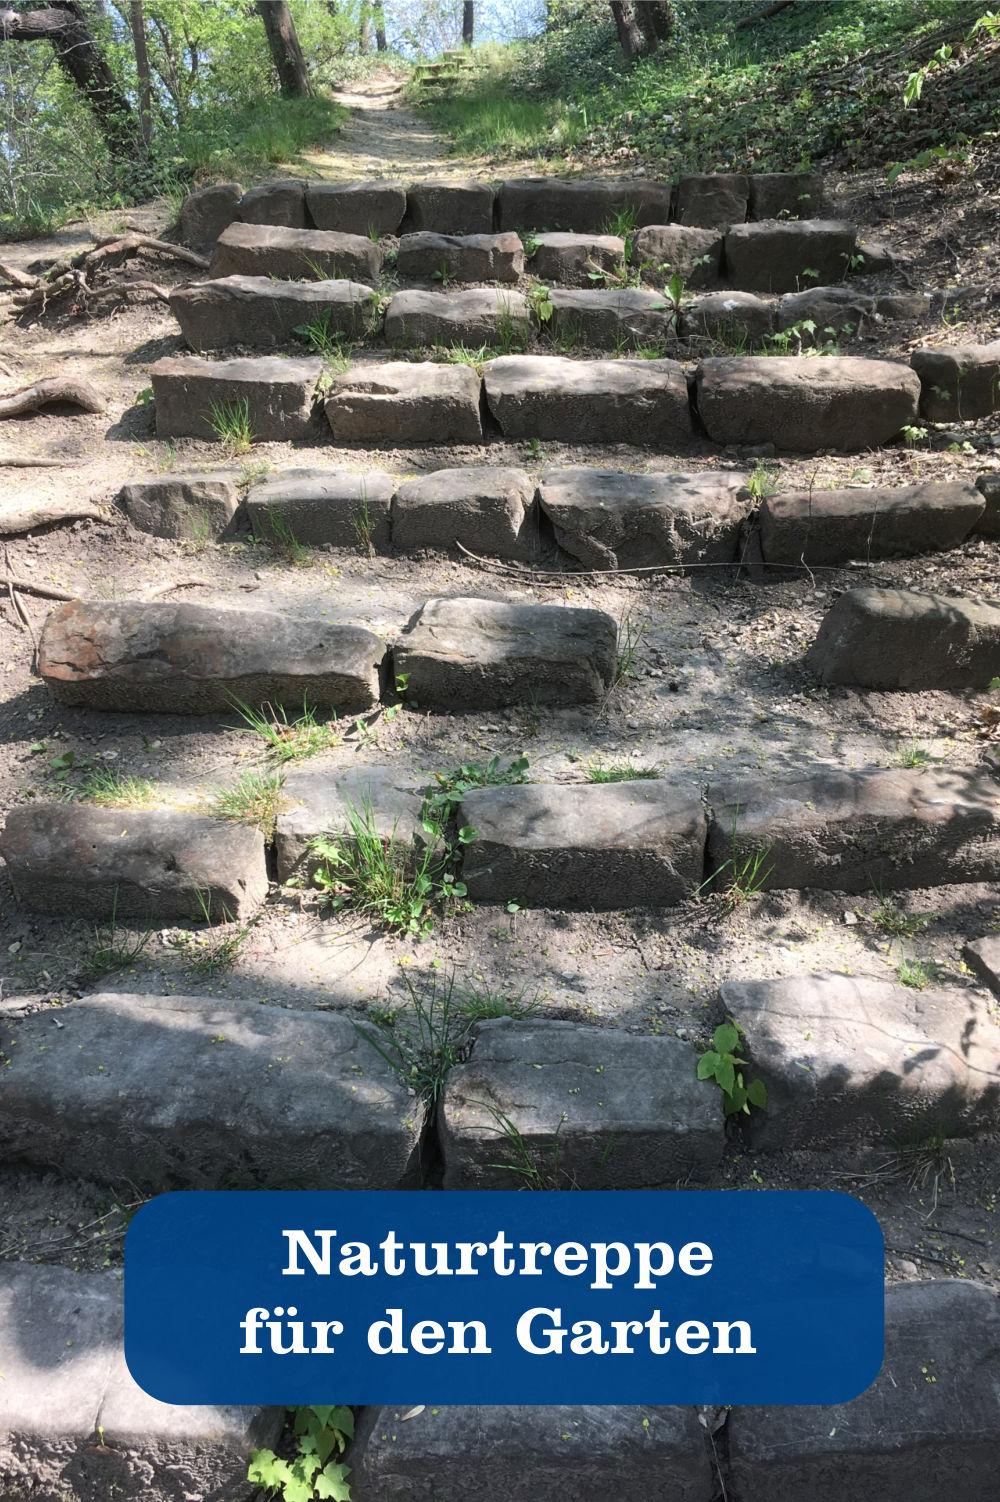 Naturtreppe für Garten